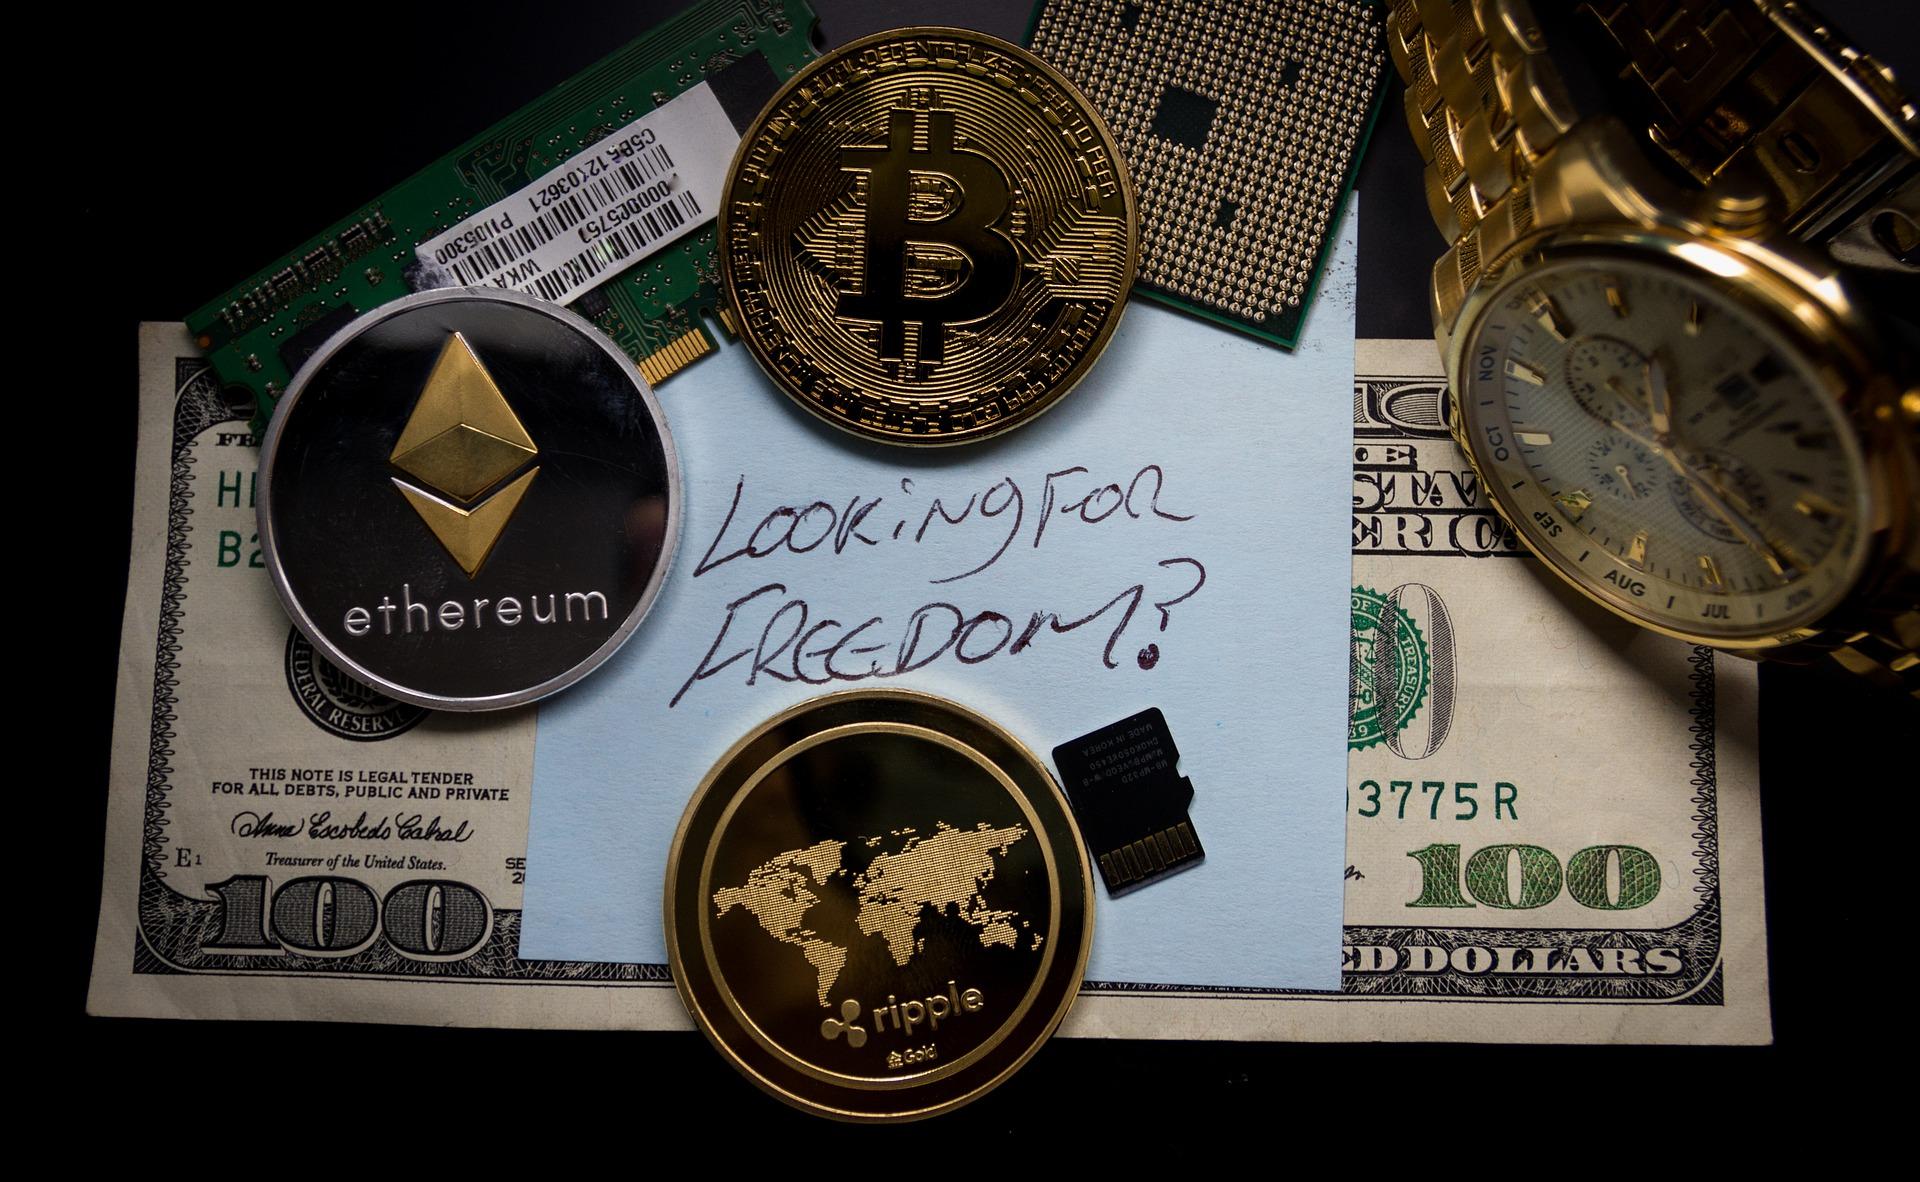 mikor lesz vége a bitcoinnak glaxosmithkline kereskedés